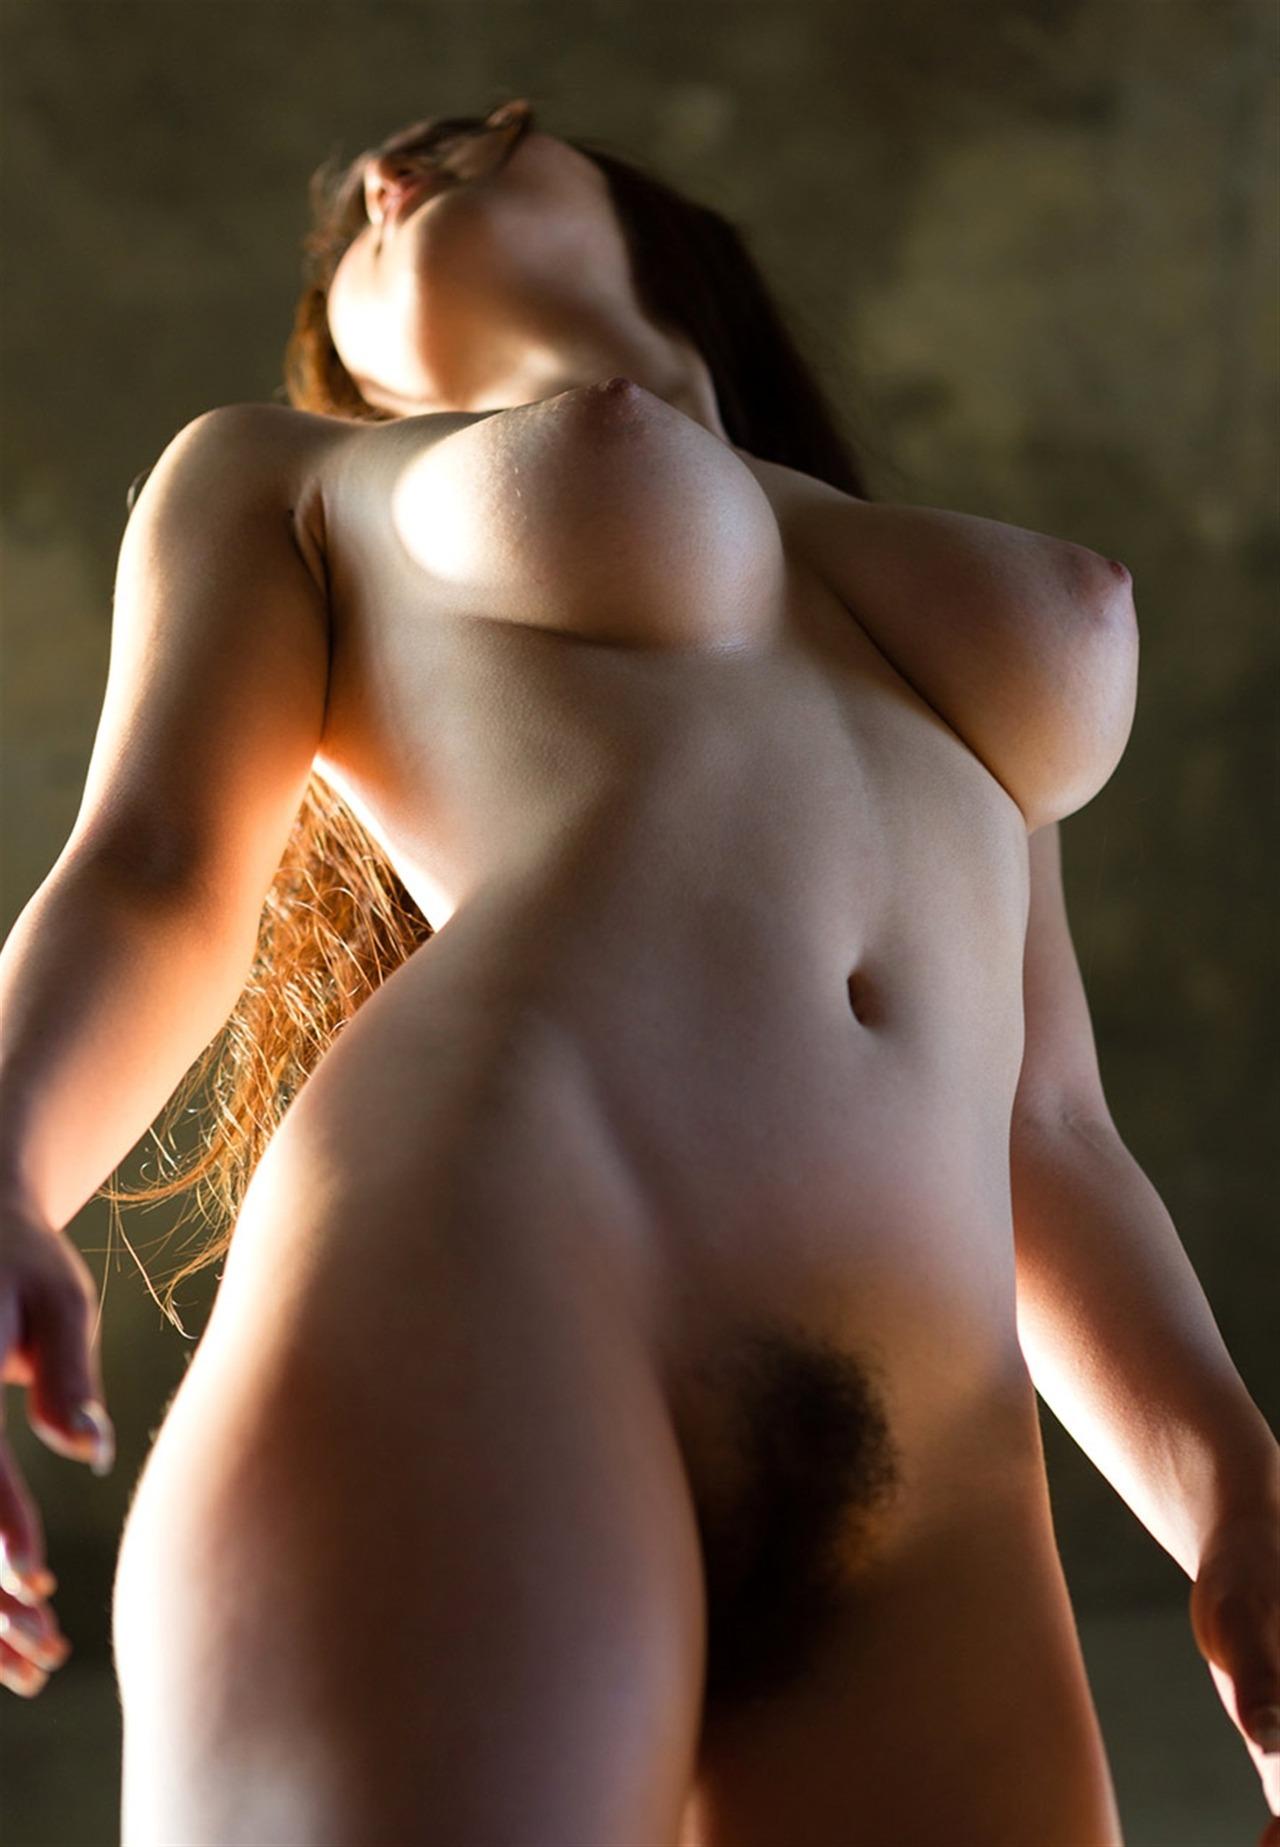 三次元 3次元 エロ画像 下乳 おっぱい ローアングル べっぴん娘通信 040